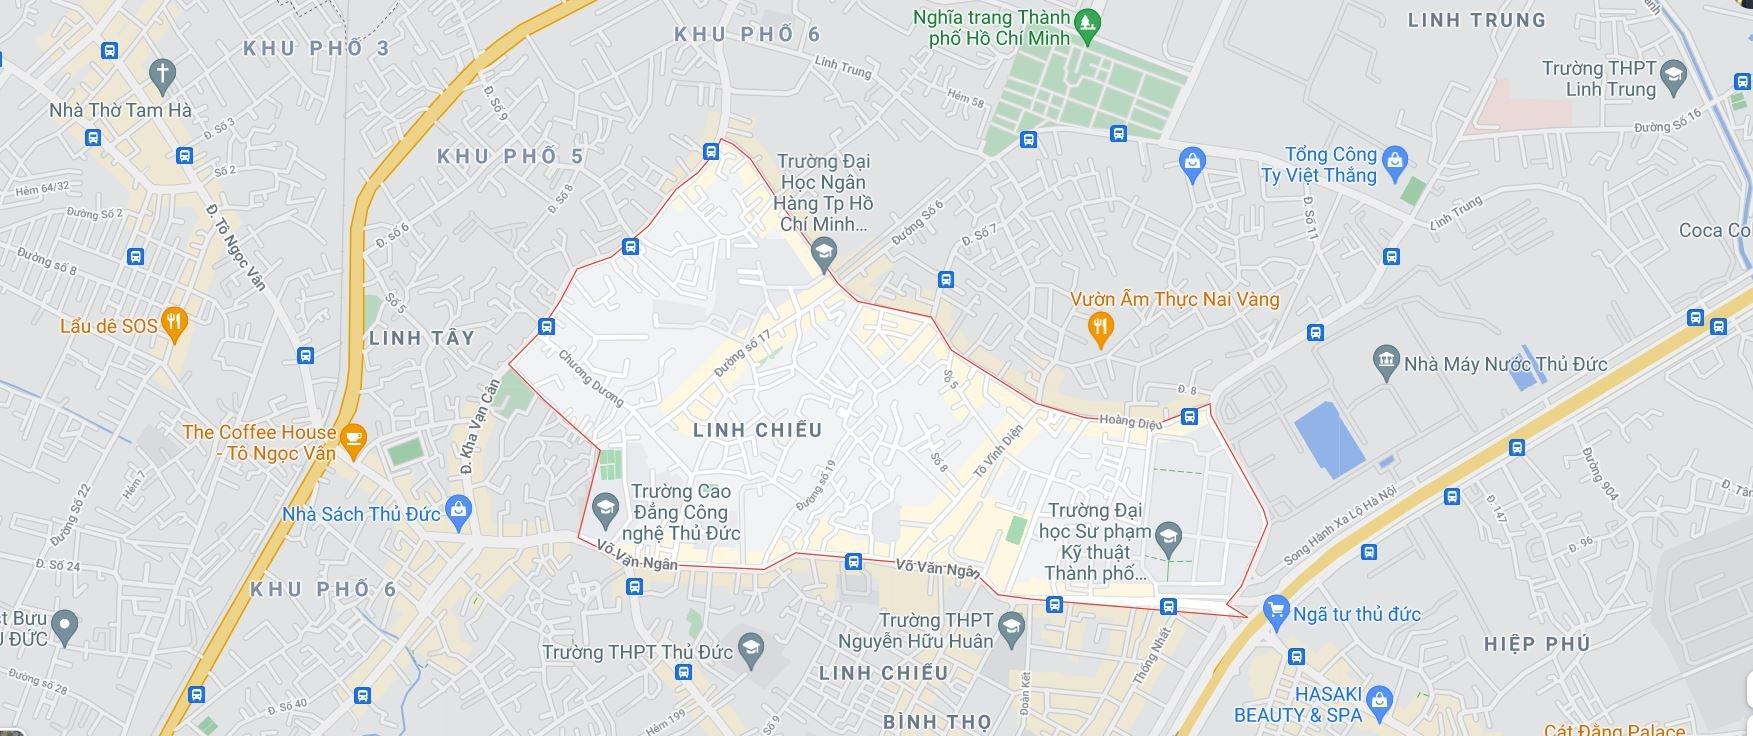 4 khu đất dính quy hoạch tại phường Linh Chiểu, TP Thủ Đức - Ảnh 1.